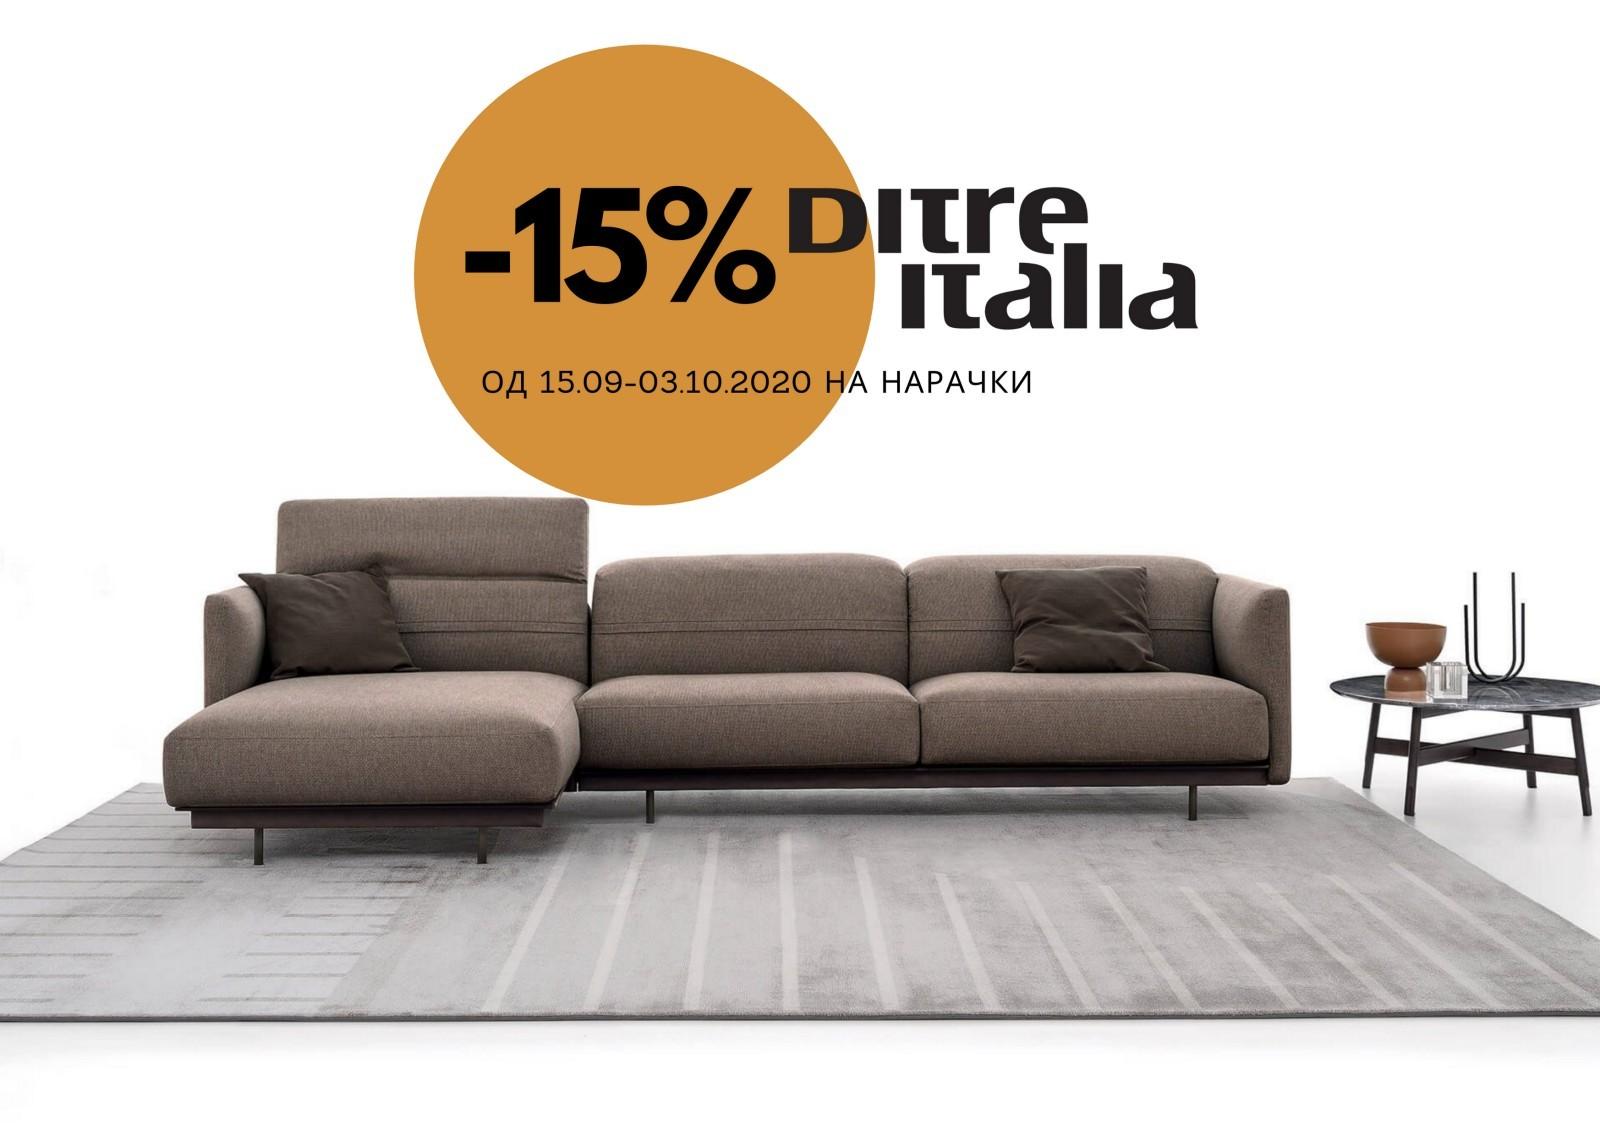 -15% DITRE ITALIA!